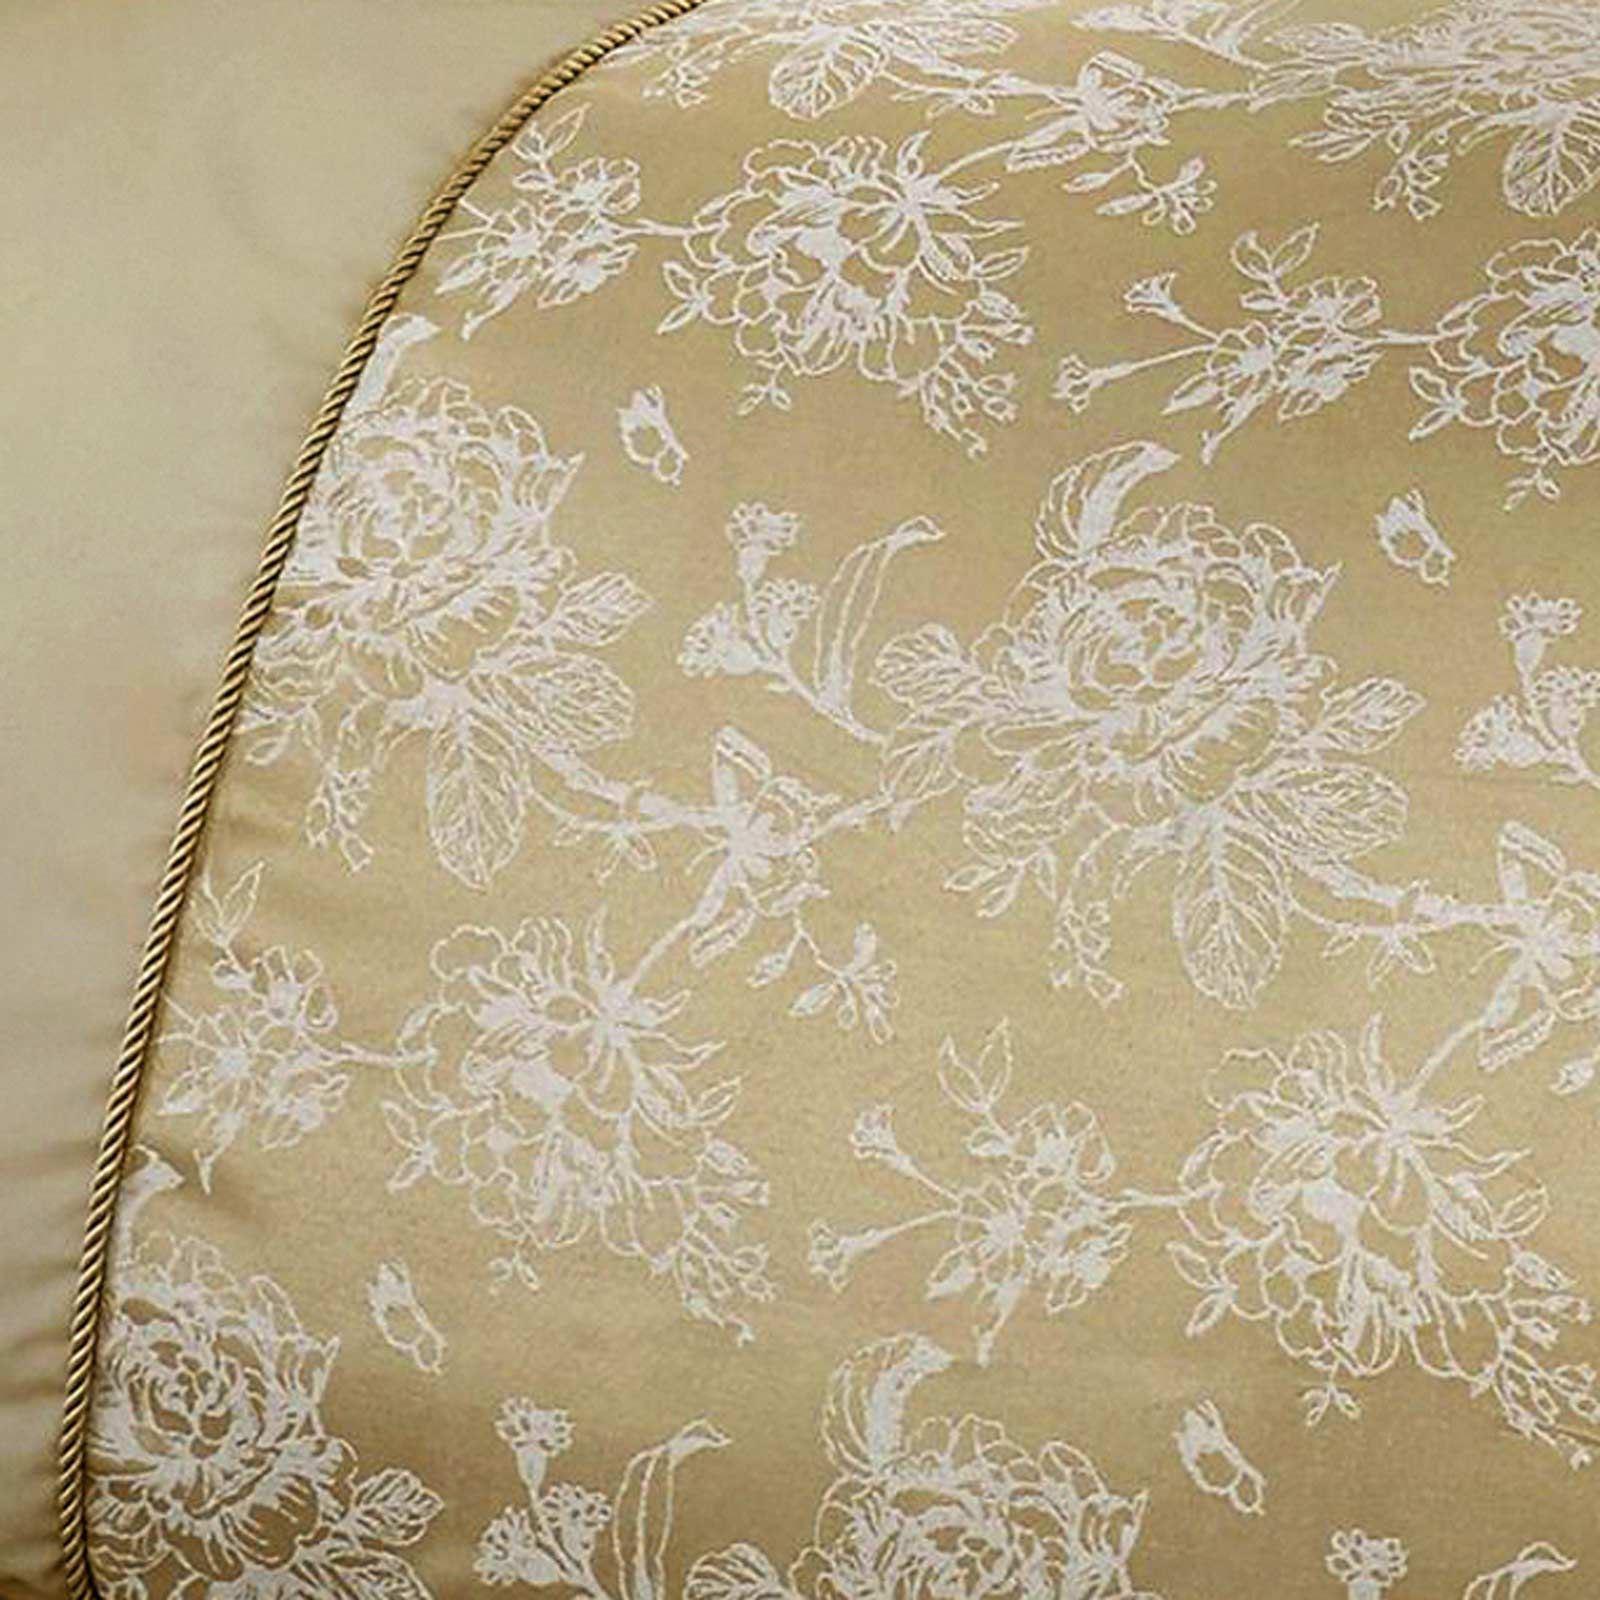 Oro-fundas-nordicas-Jasmine-floral-del-damasco-Edredon-Conjuntos-de-Lujo-Coleccion-de-ropa-de-cama miniatura 6